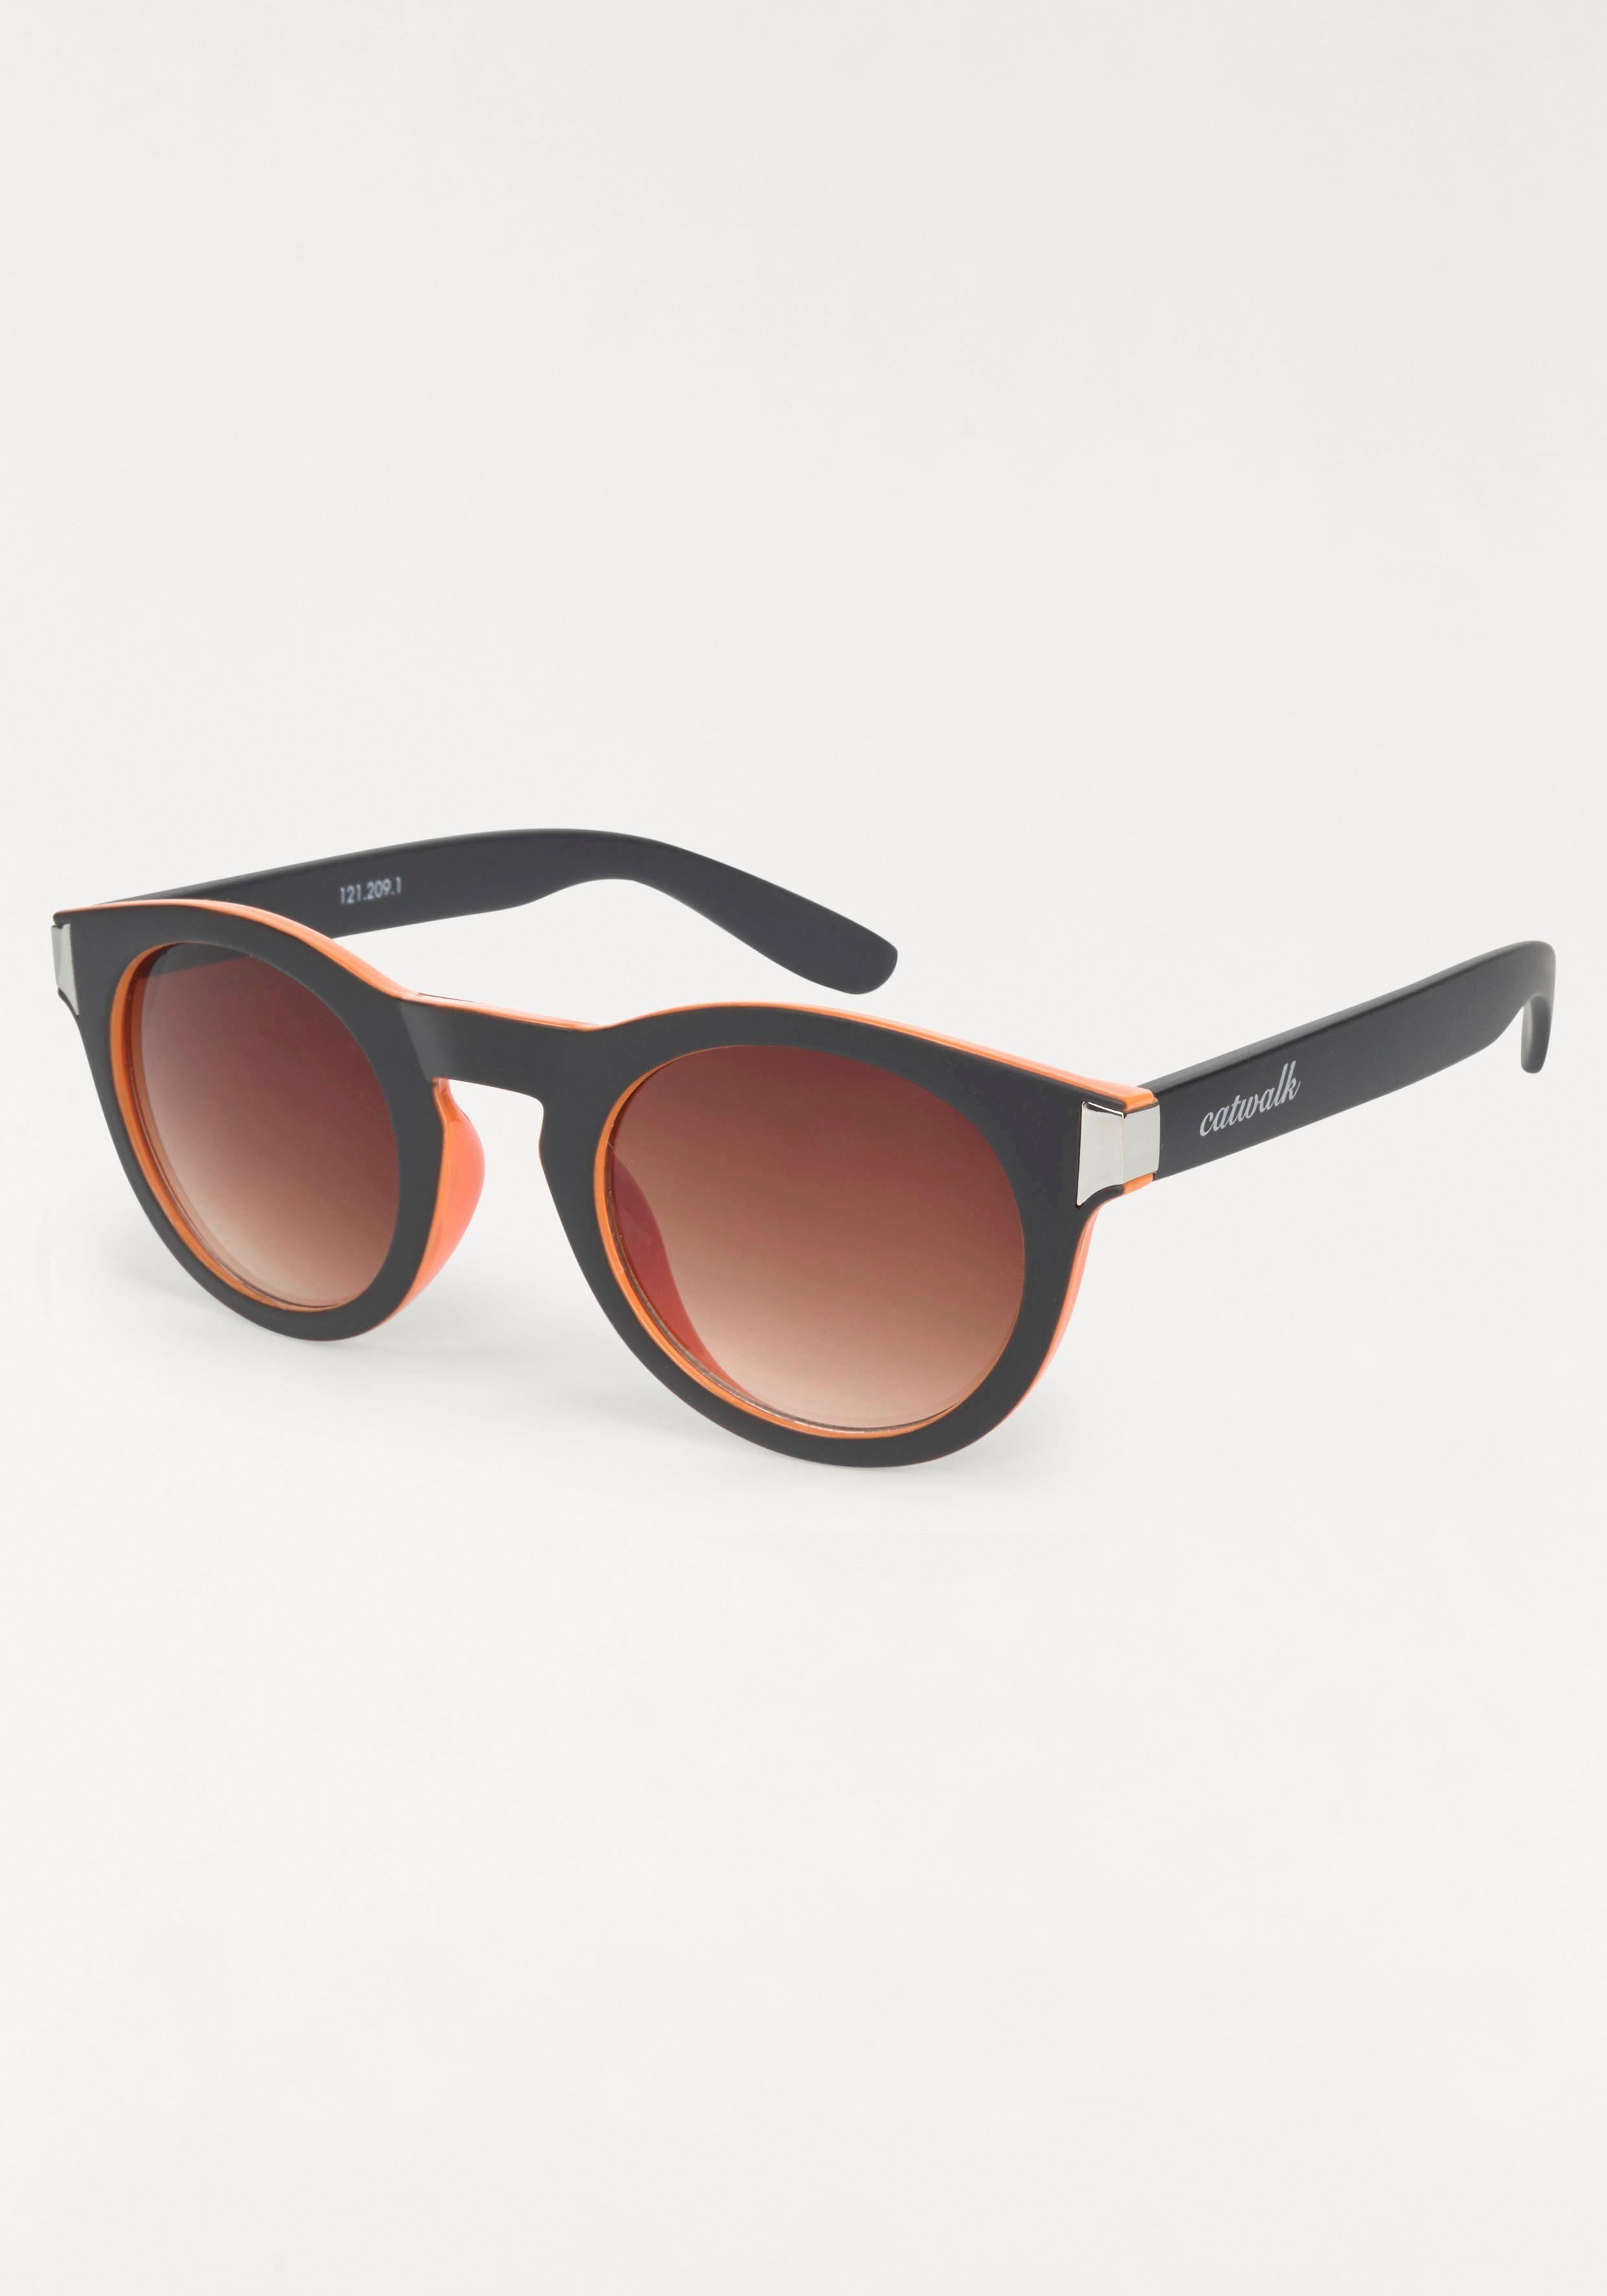 catwalk Eyewear Sonnenbrille, in Bicolor-Optik